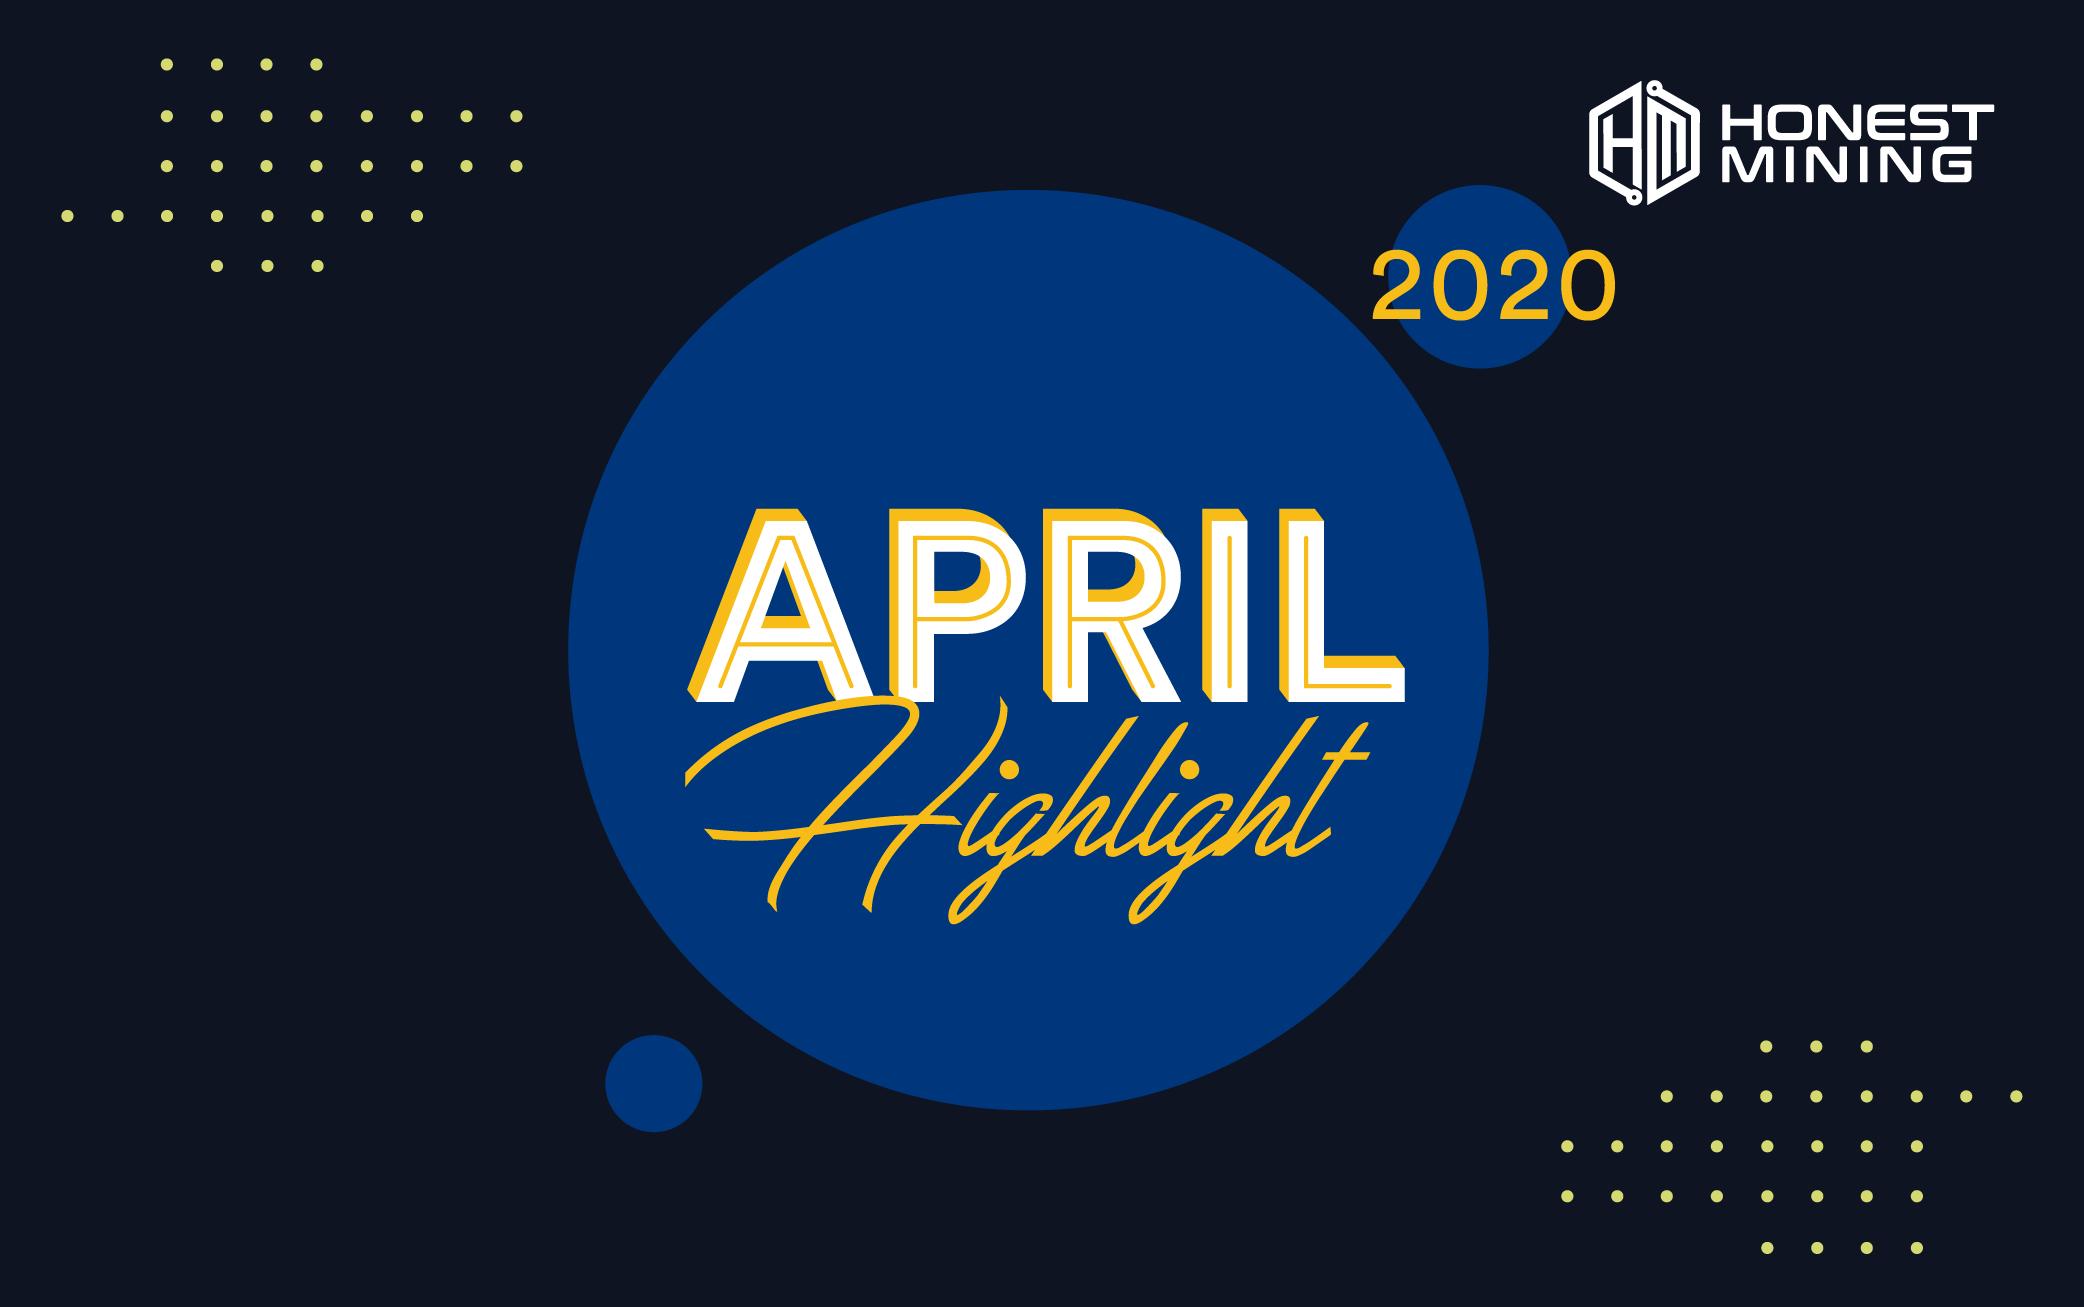 Honest Mining April 2020 Highlight